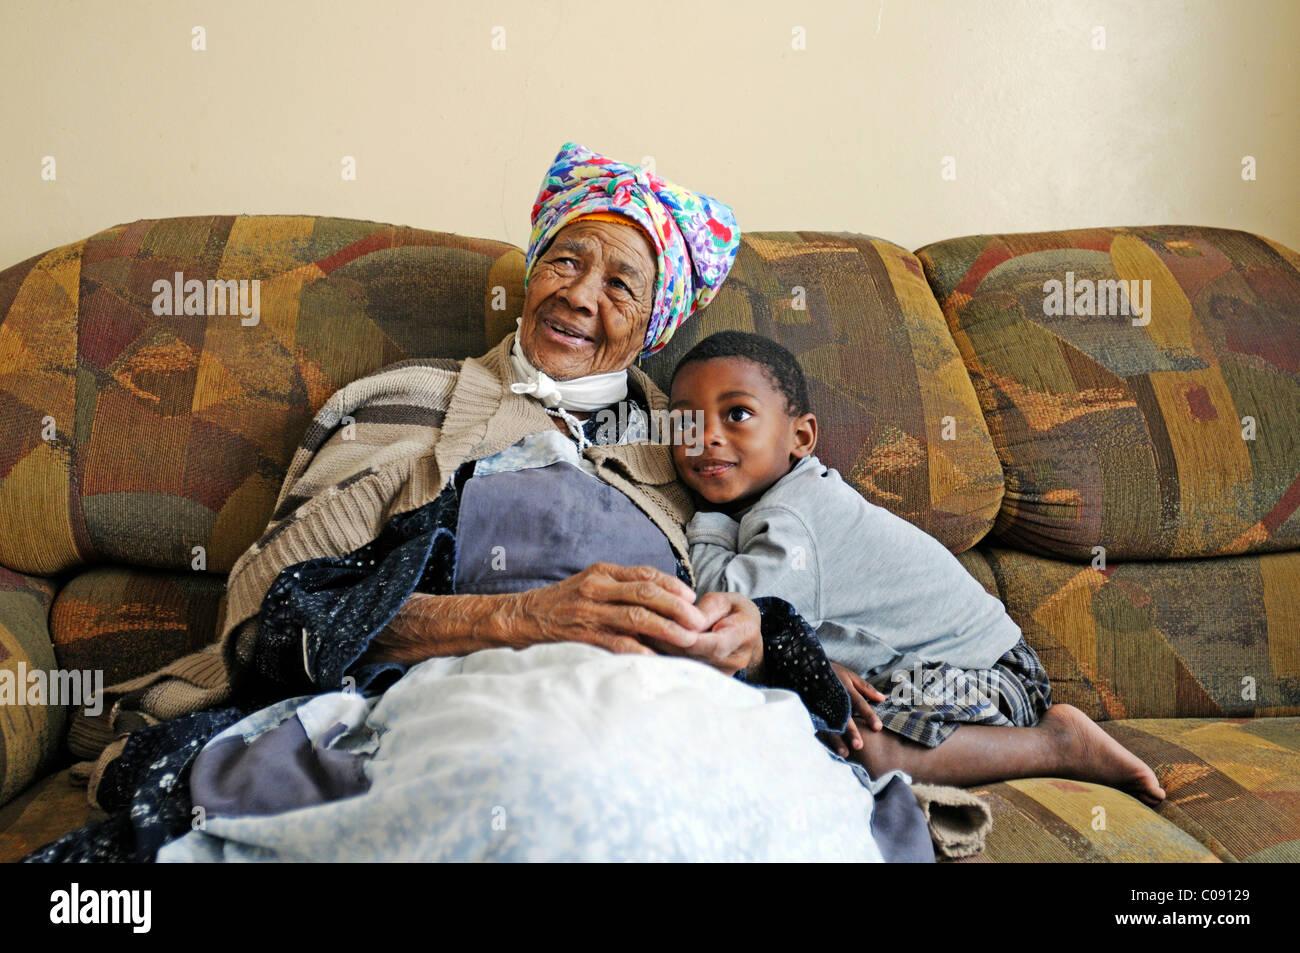 Grand-mère 'Lina', chef des habitants de Damara Swakopmund, avec son petit-fils, dans la ville de Swakopmund, Photo Stock